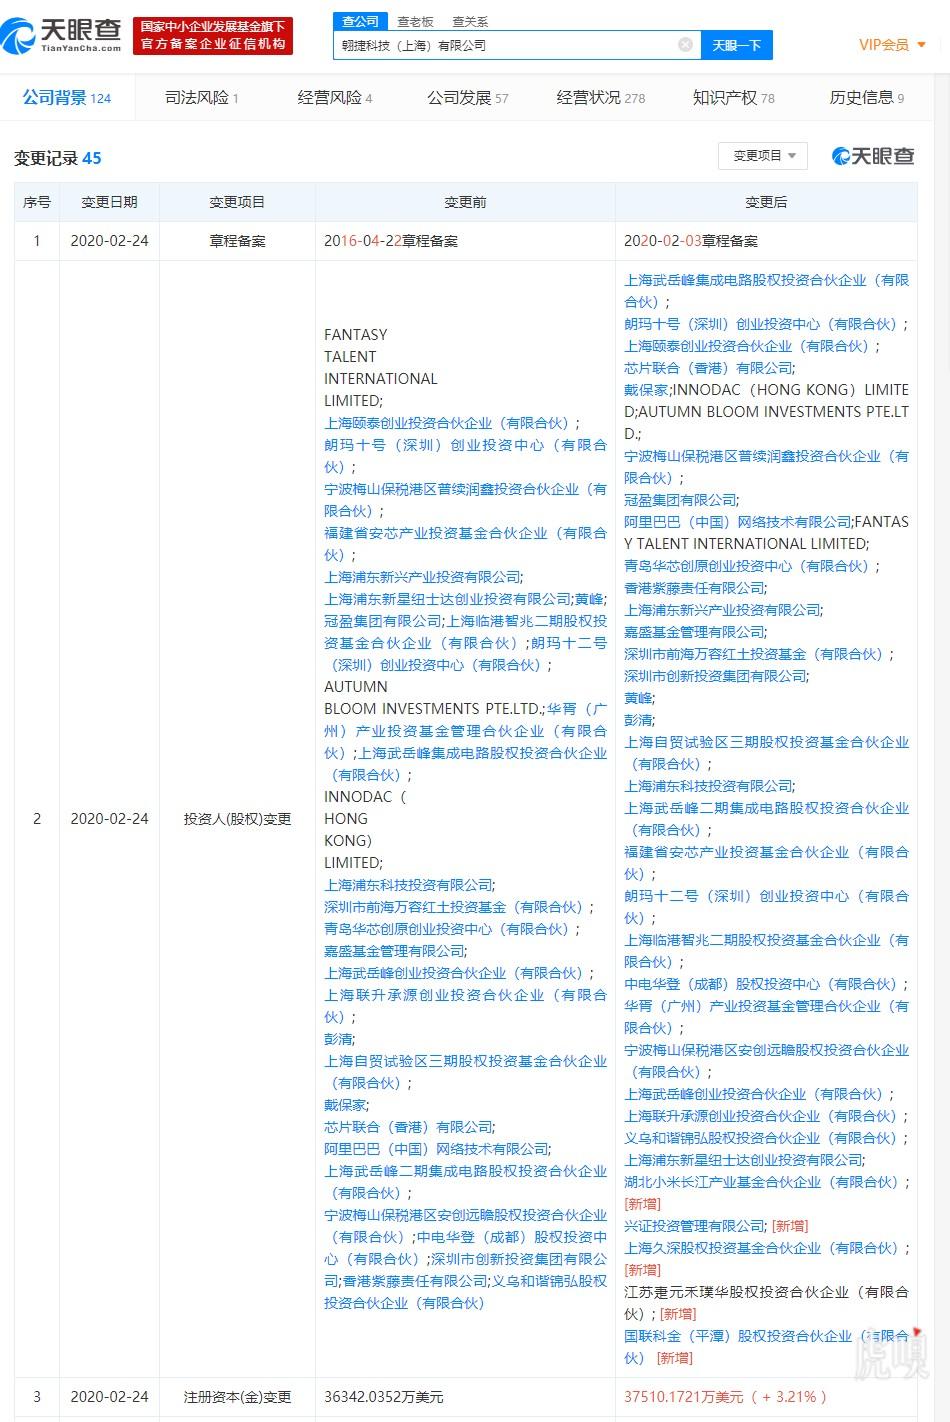 小米(01810)入股芯片公司翱捷科技